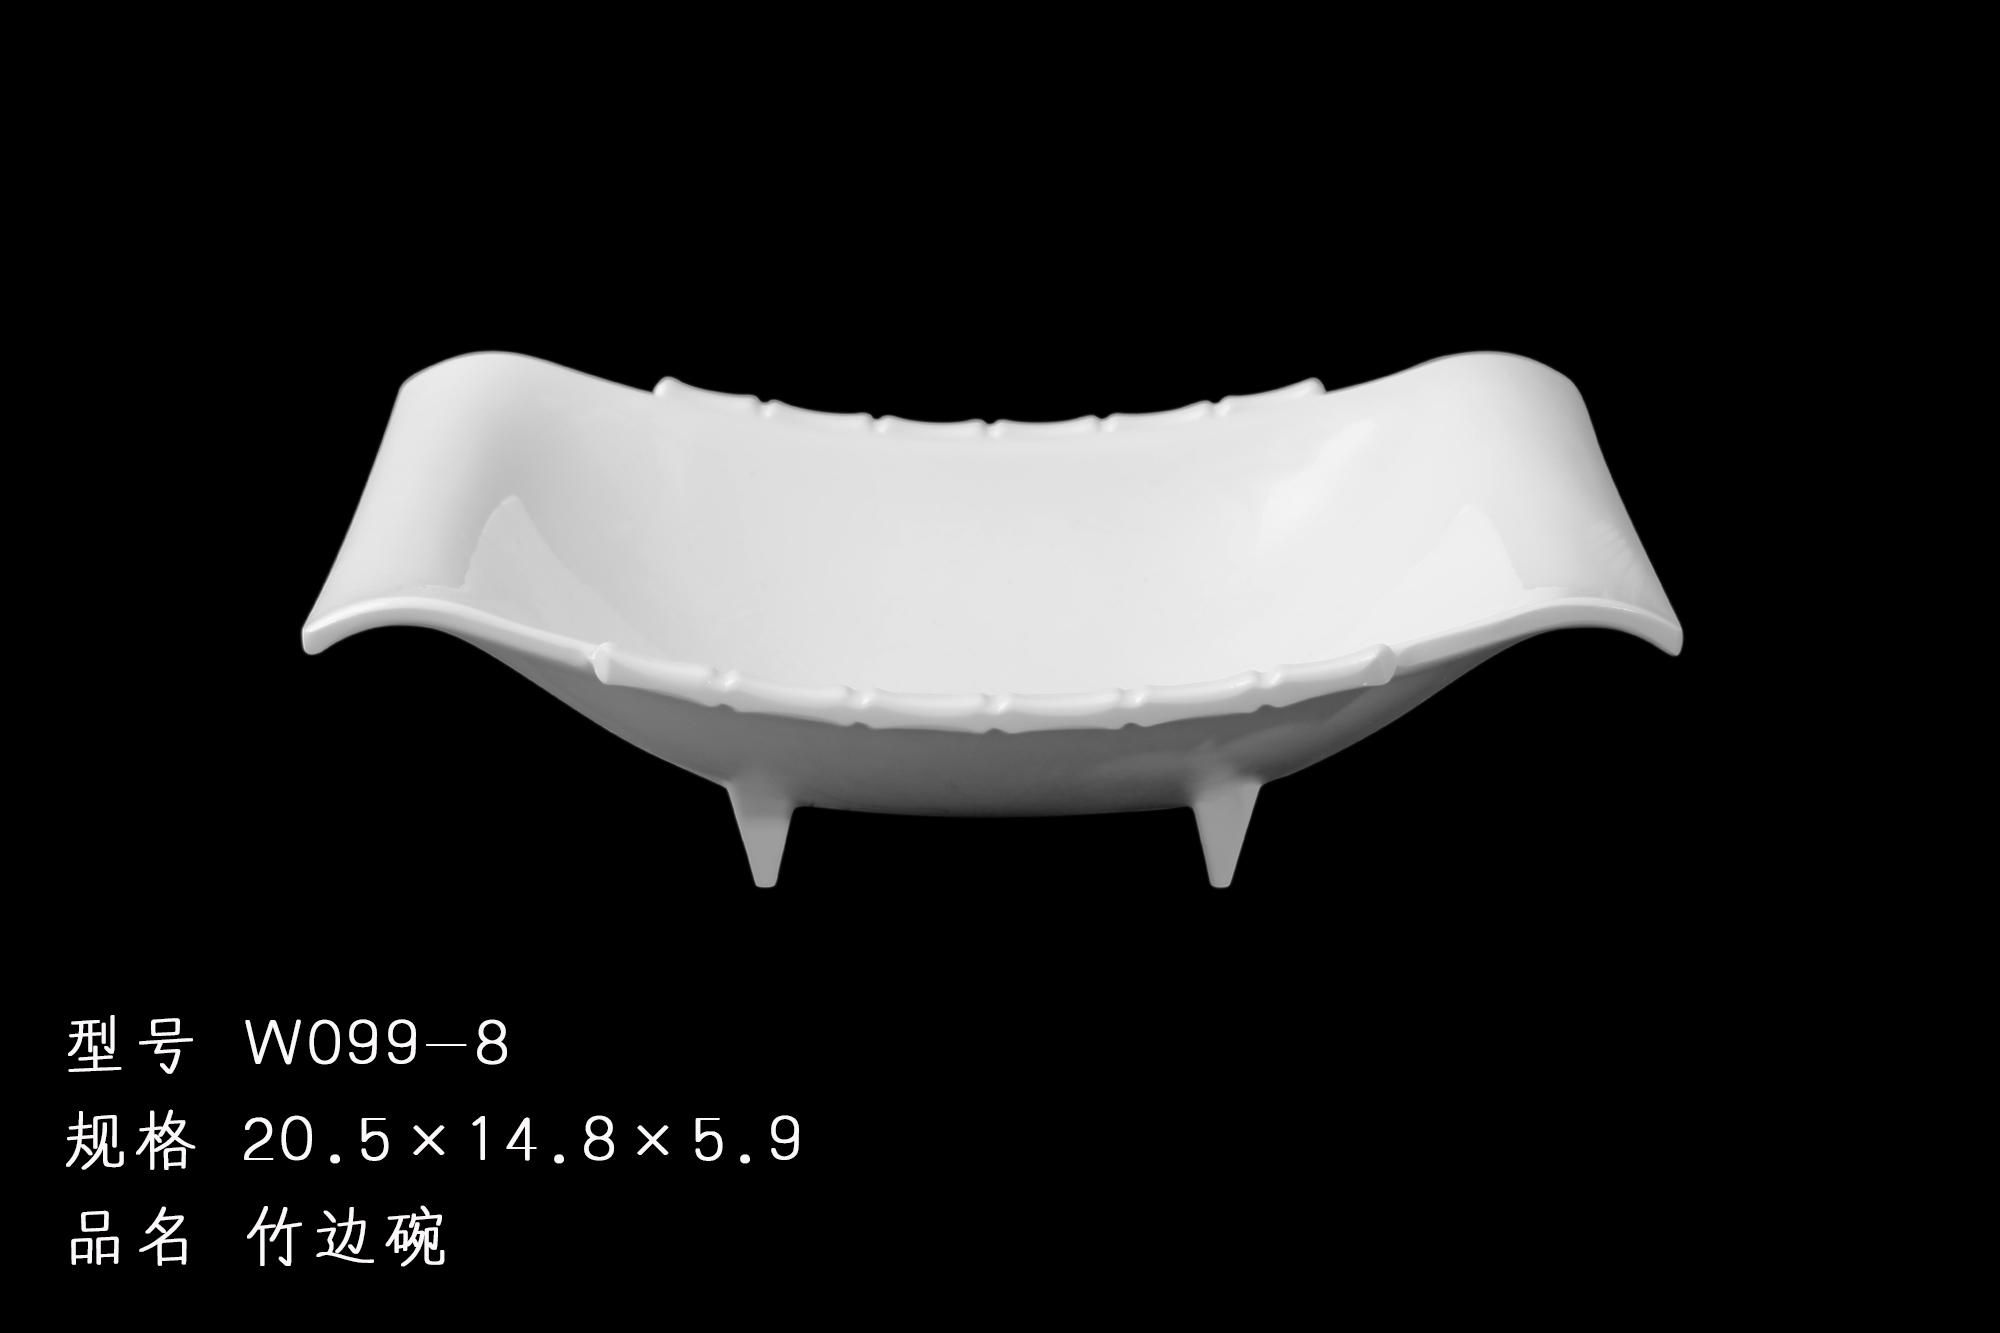 竹边碗 W099-8